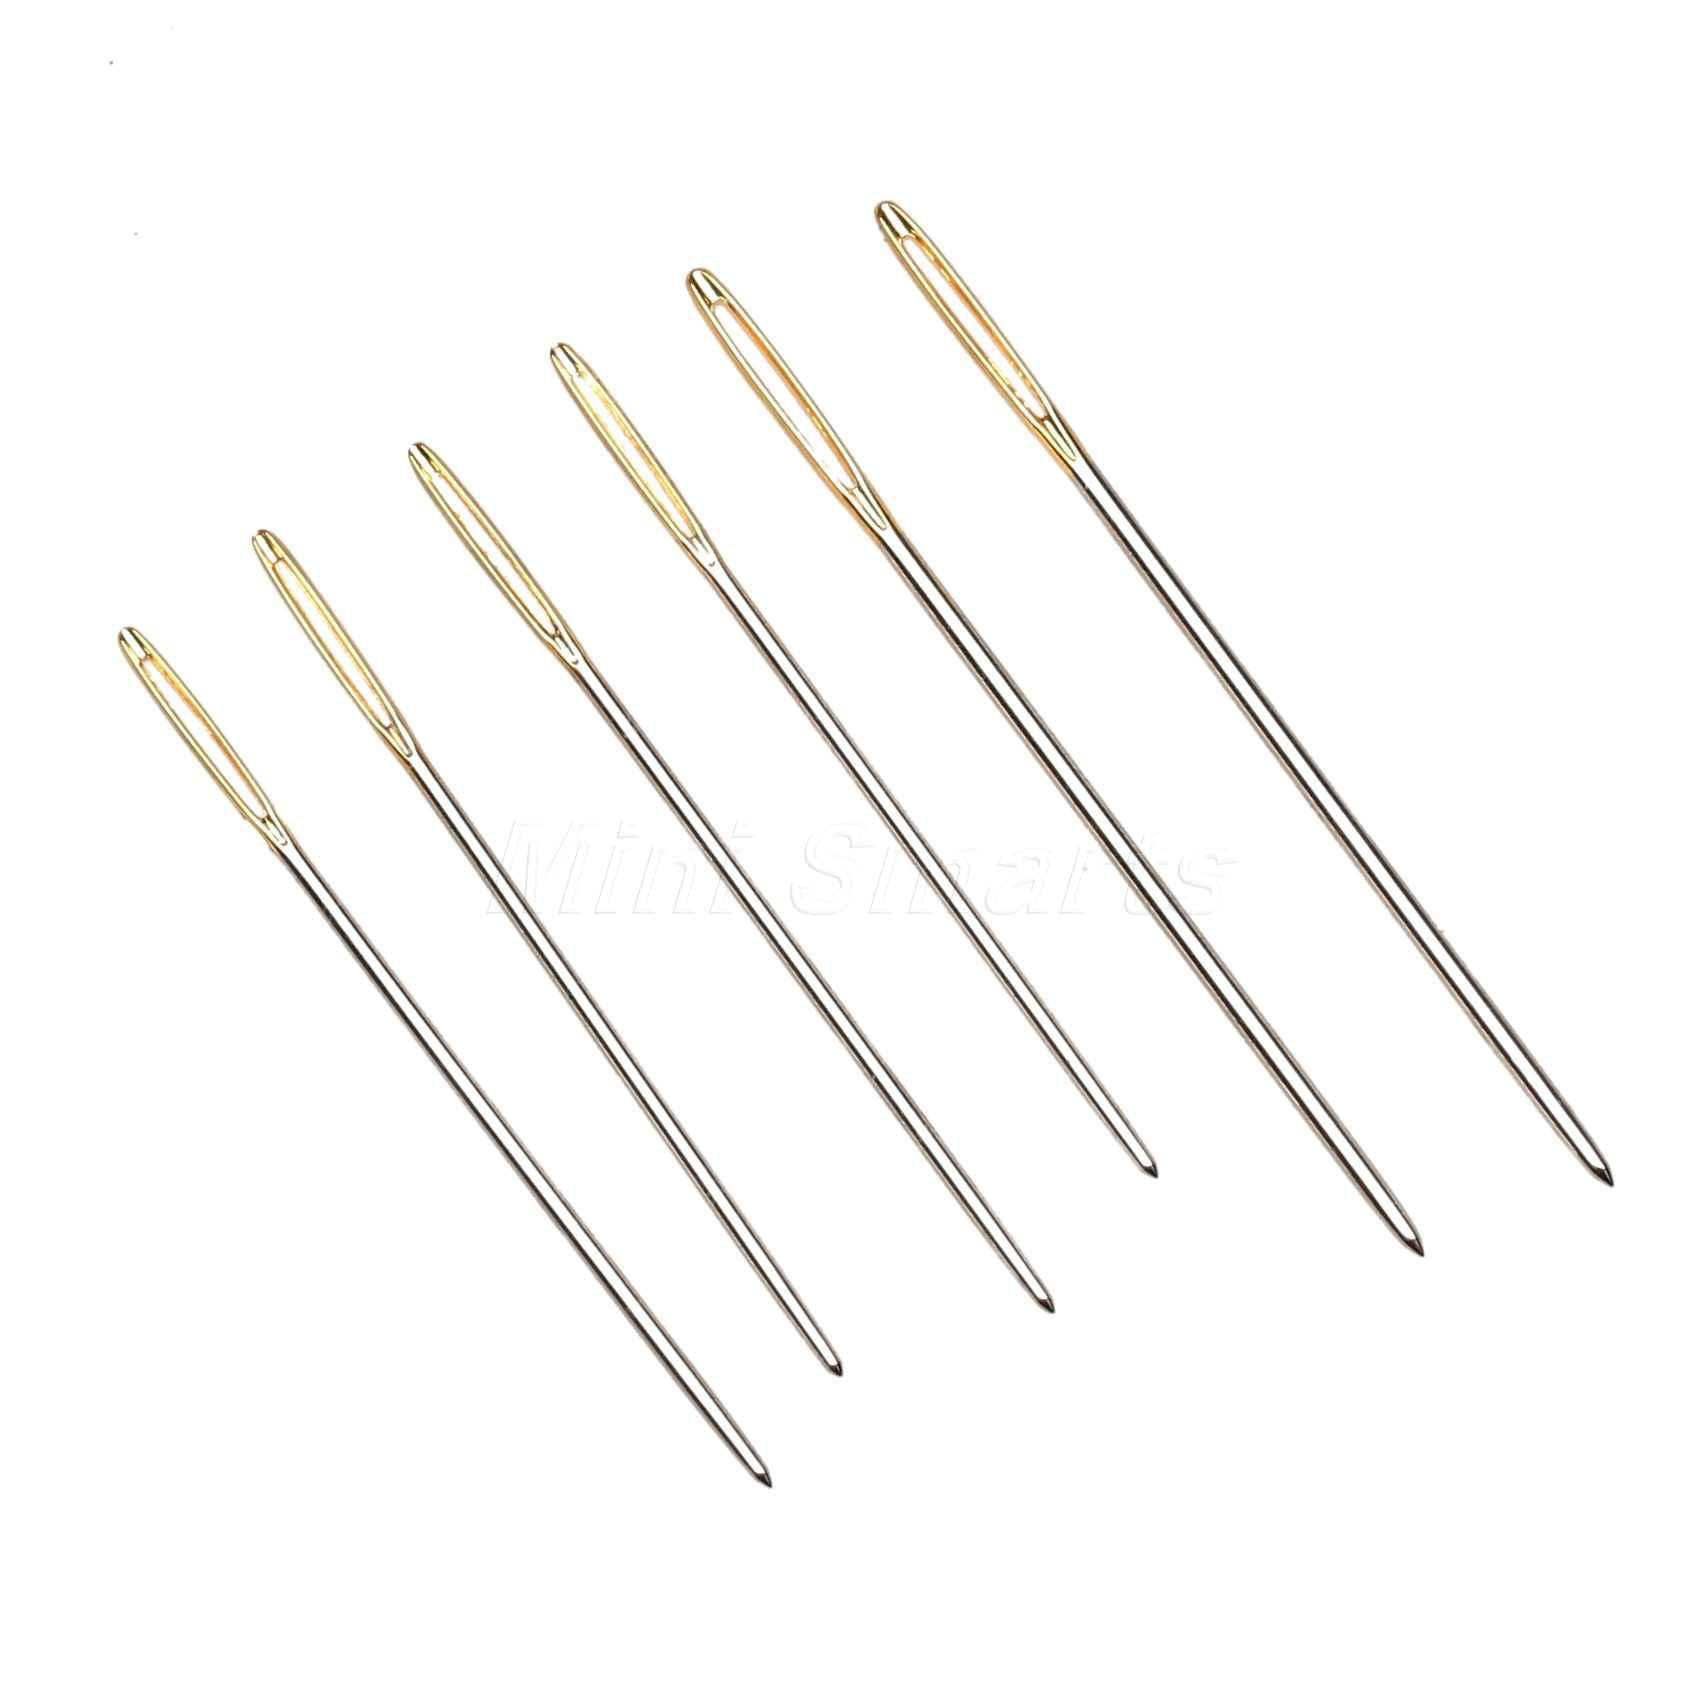 27 un carfting conjunto de aguja de coser formas variadas y tamaño de reparación tapicería